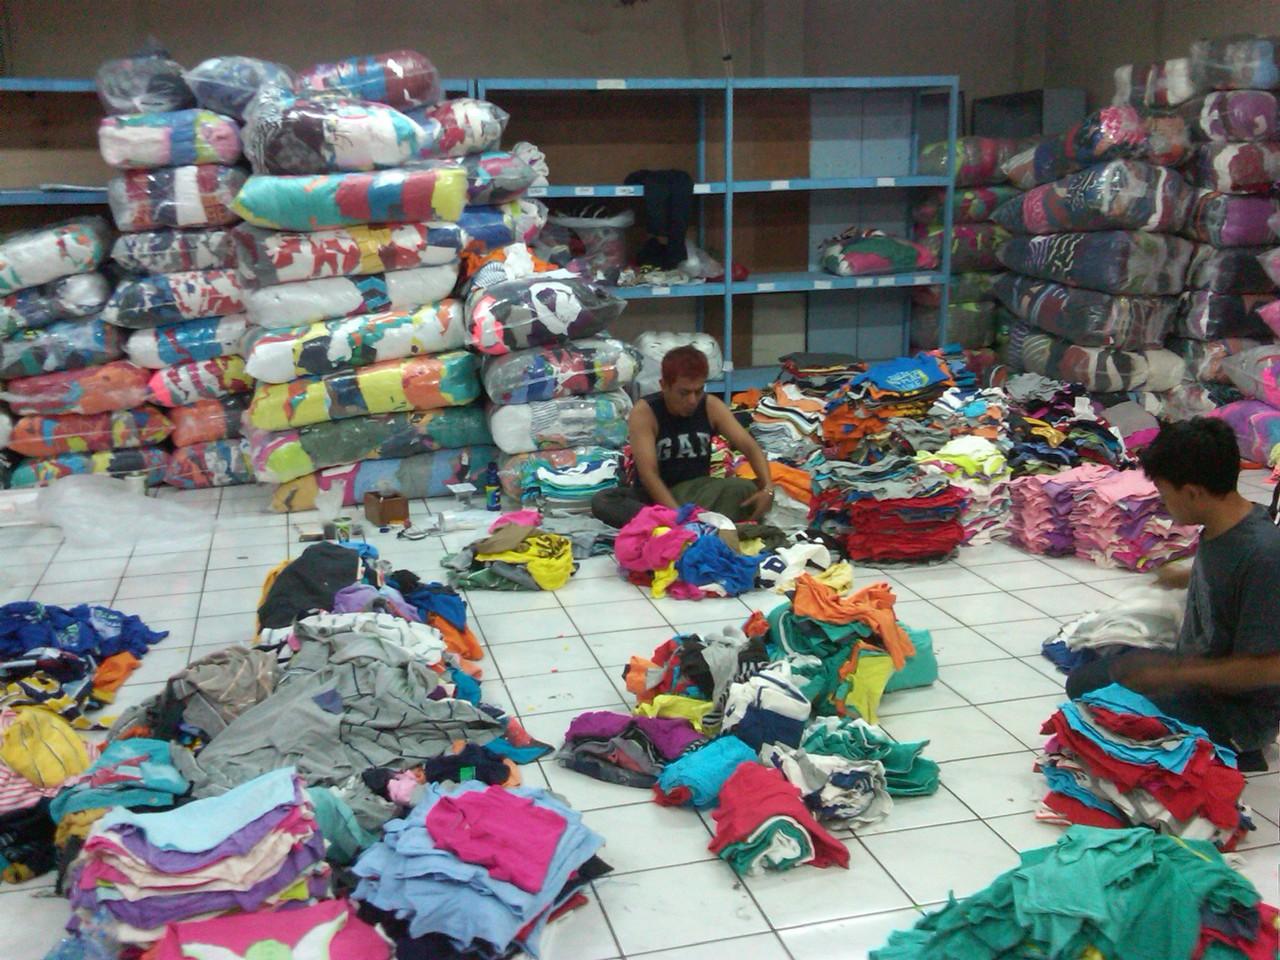 pusat grosir pakaian di bandung